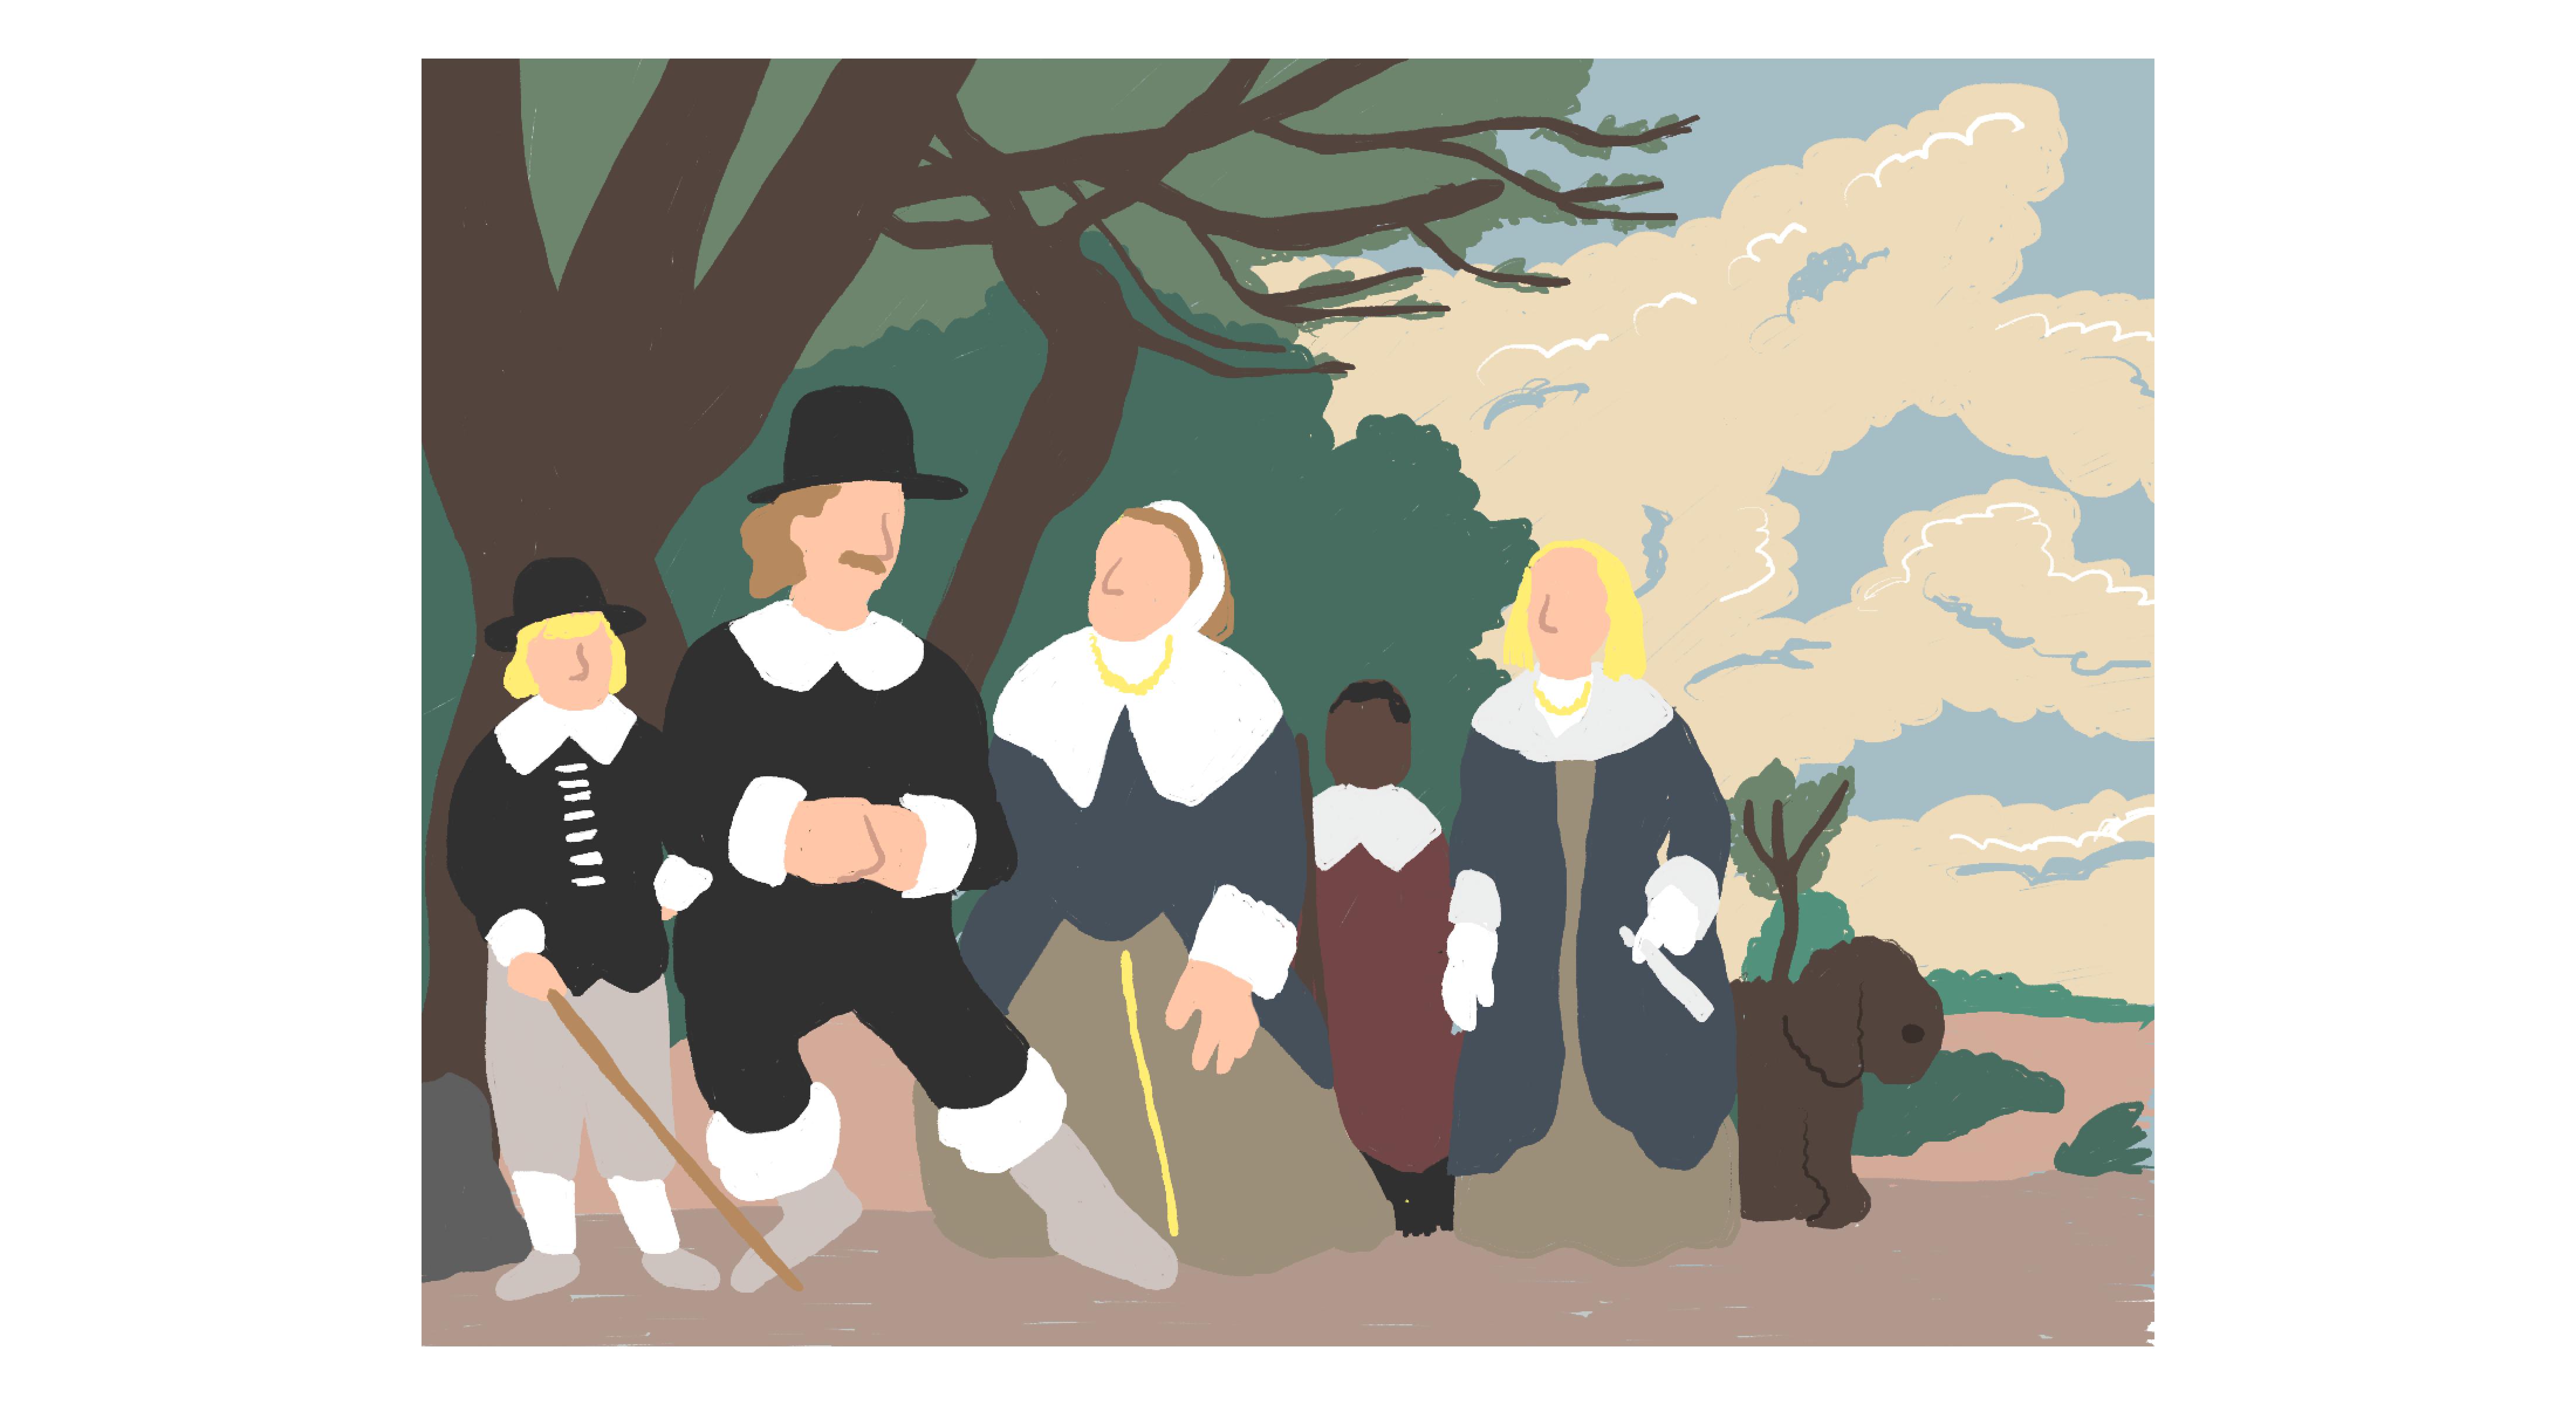 風景の中の家族(Family Group in a Landscape)